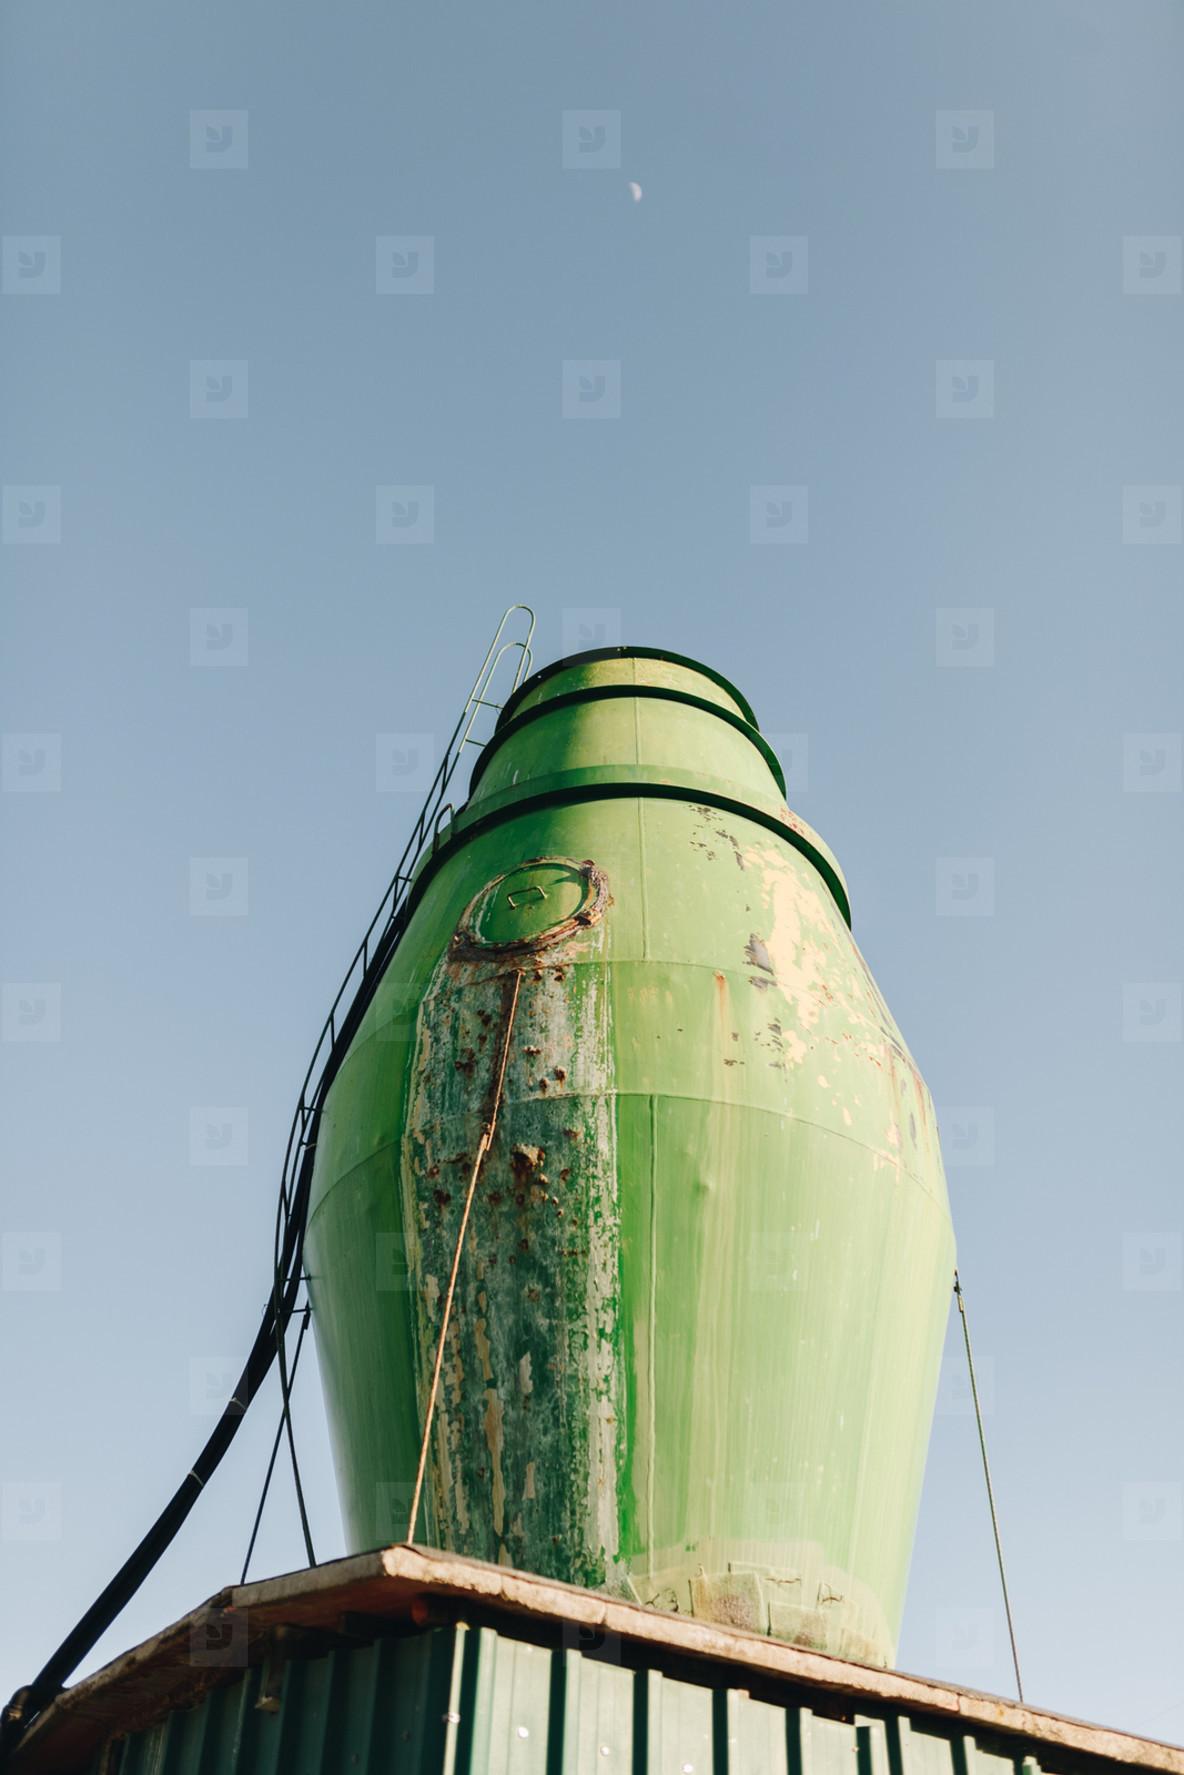 water tank seen from below in a plant nursery